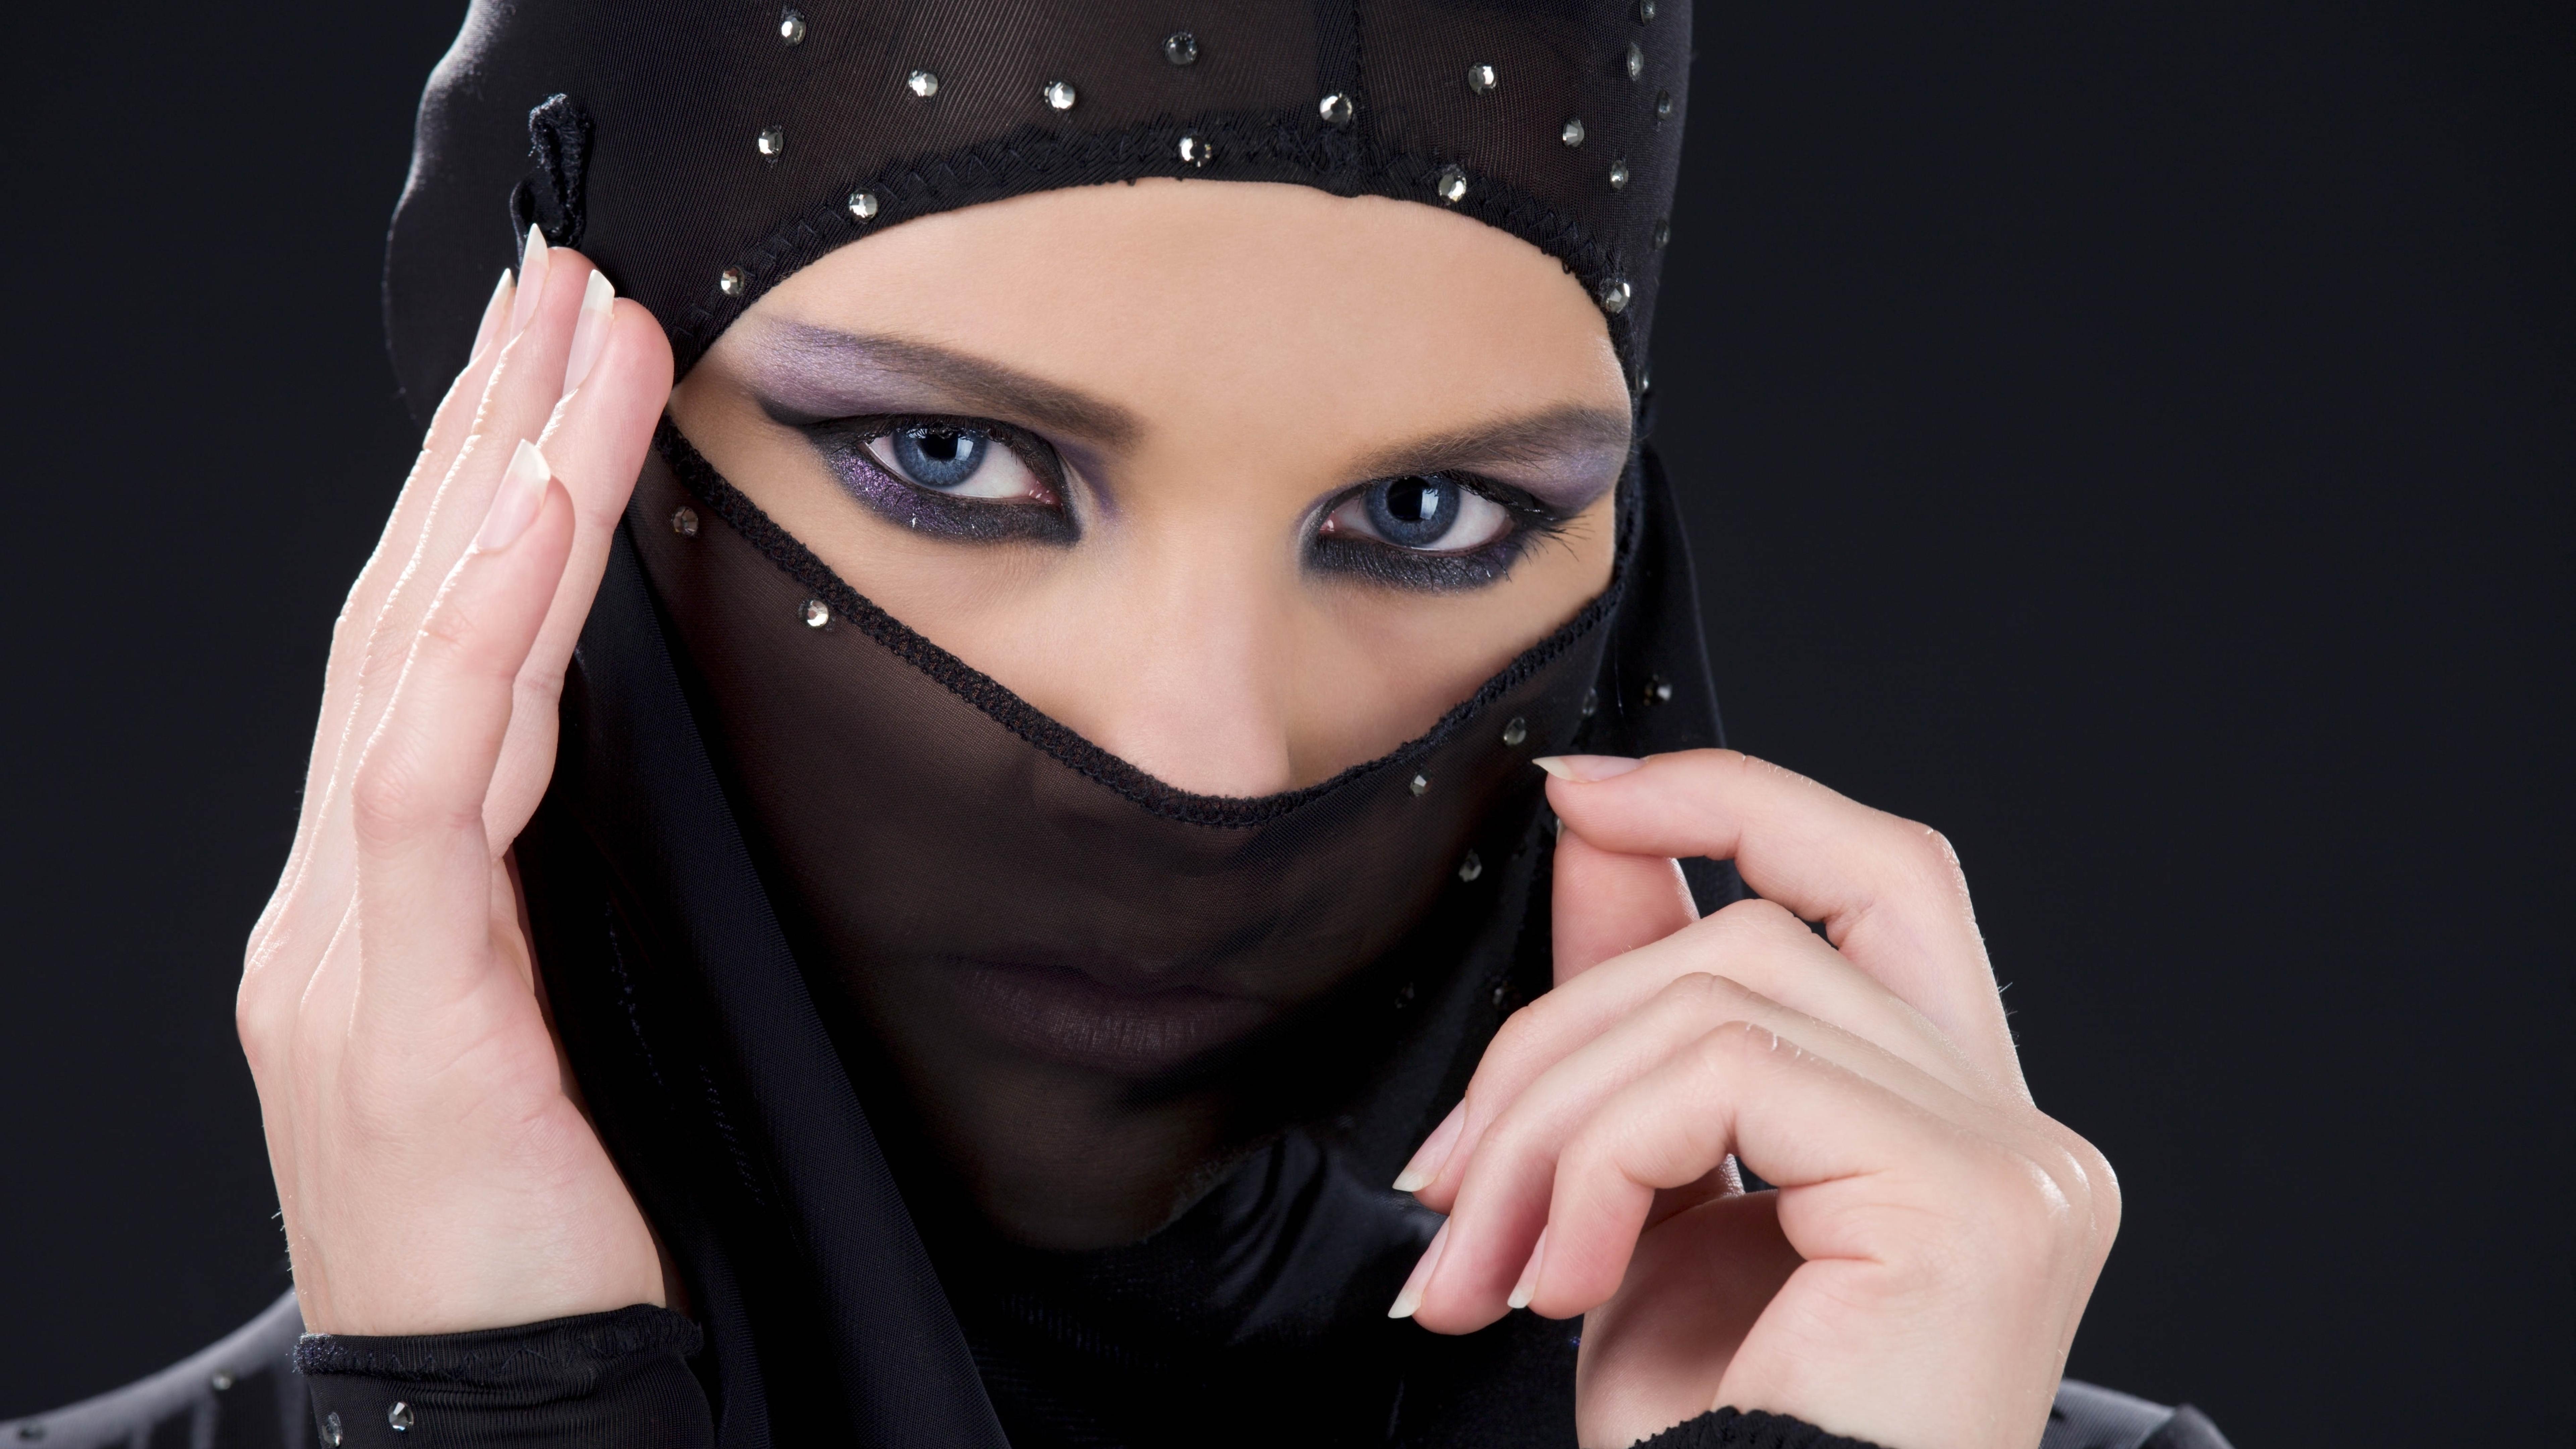 Girl Face Veil Black Background Hd 4k Wallpaper